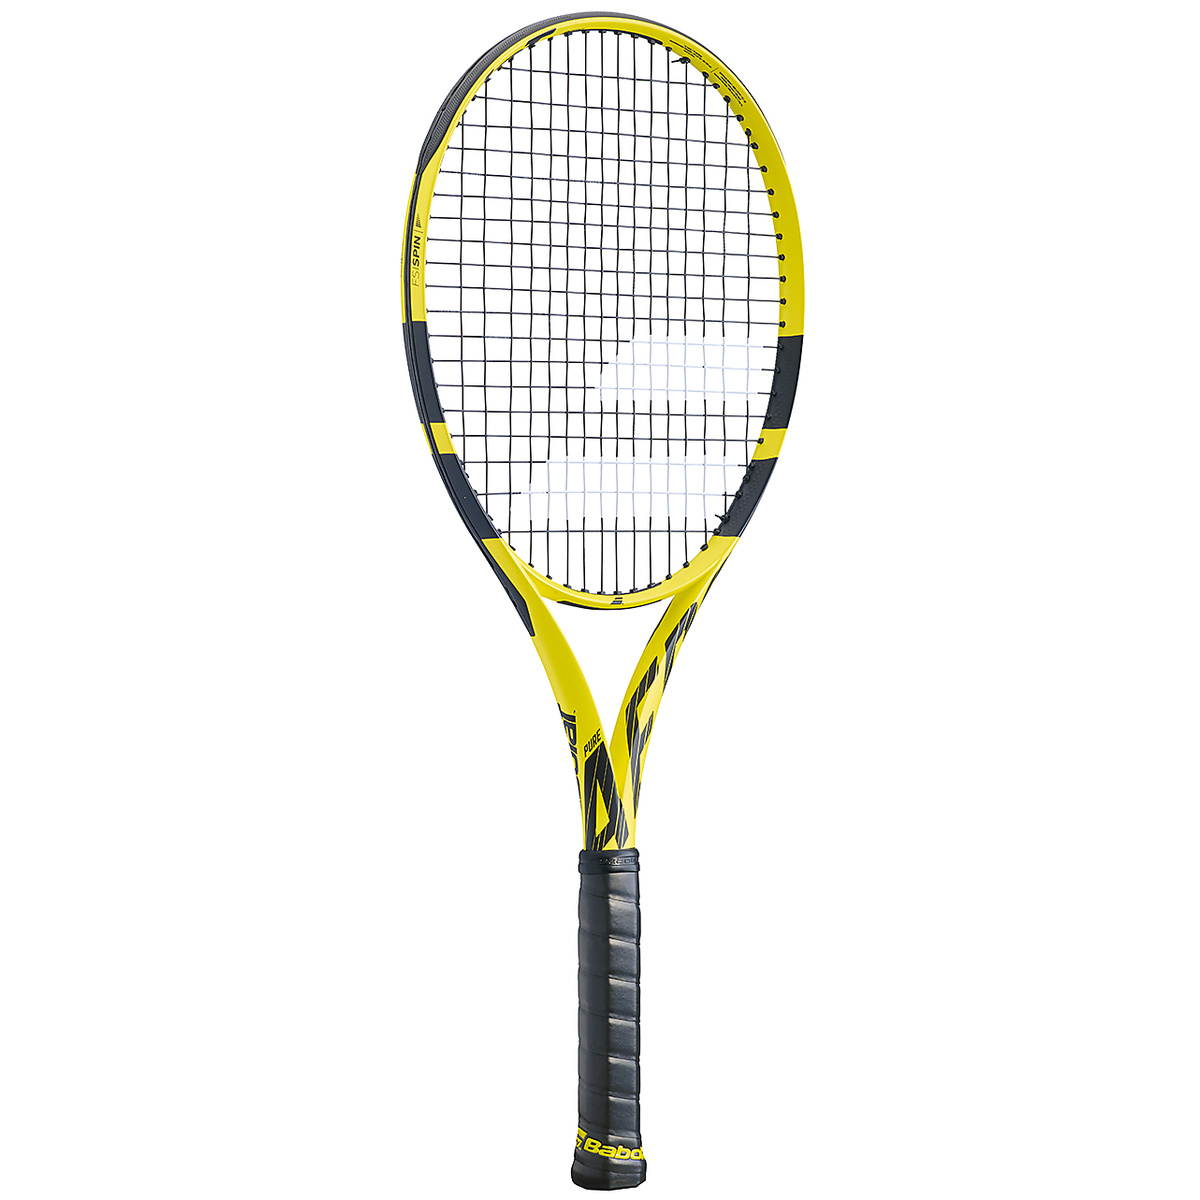 【送料無料】 Babolat (バボラ) 【フレームのみ】テニス フレームラケット 19 ピュアアエロ チーム YEL BF101357